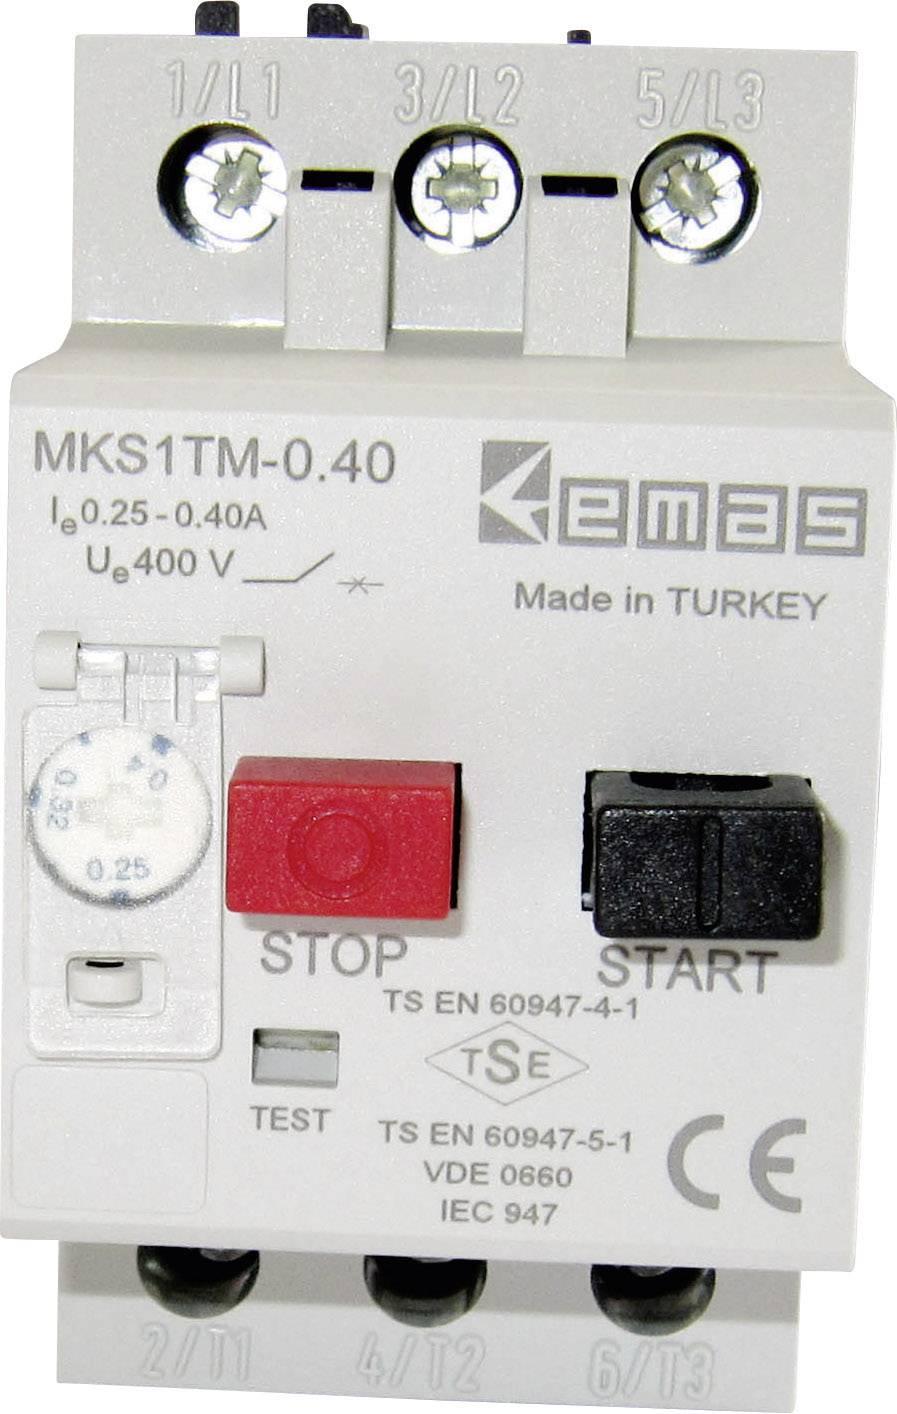 Ochranný spínač motoru EMAS MKS1TM-0.40, 400 V/AC, 0.4 A 1 ks